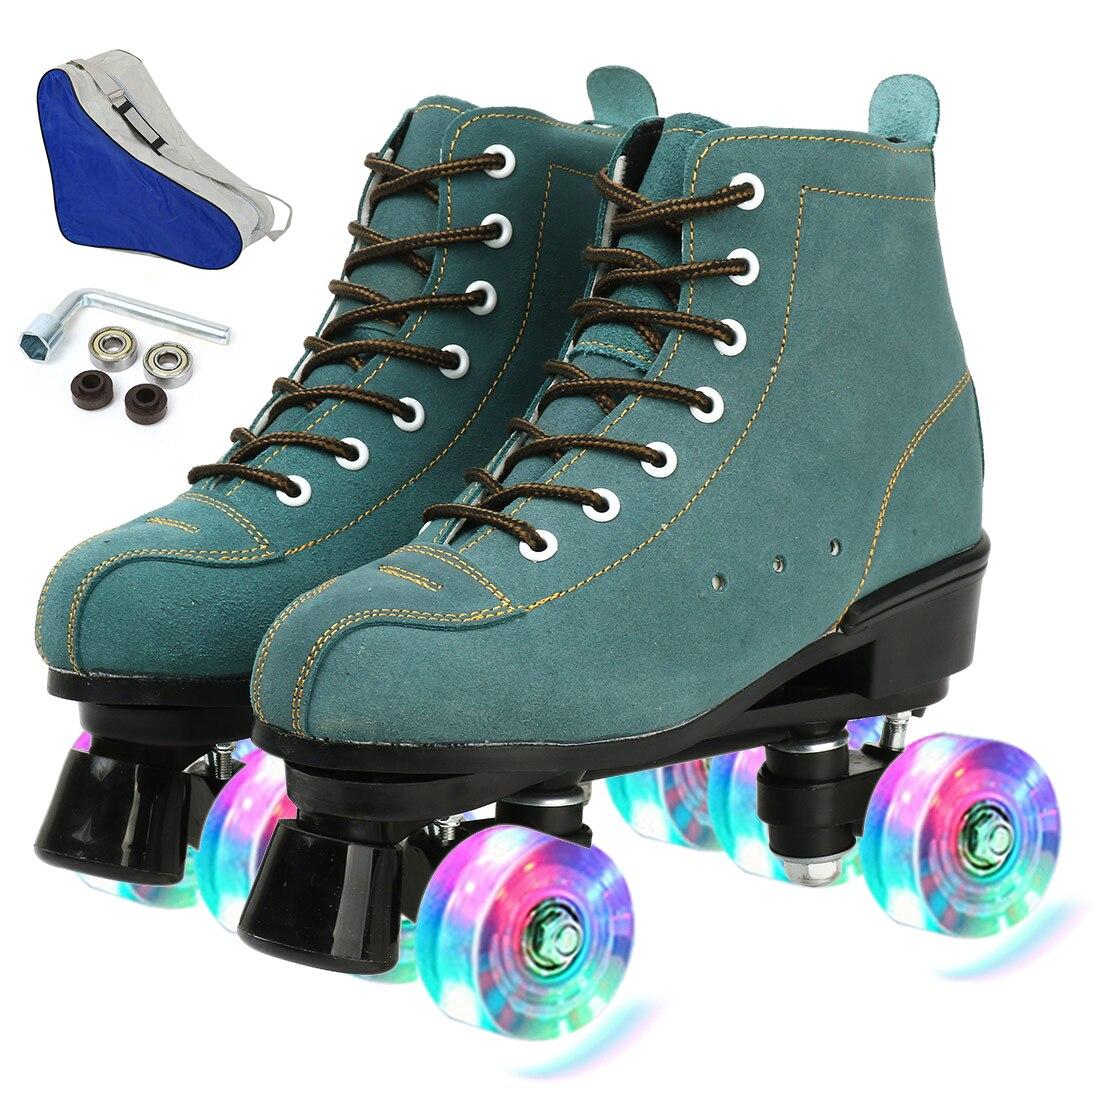 الفتيات أوروبا حجم وامض النساء بولي Leather الجلود الكبار الاطفال رباعية زلاجات دوارة أحذية التزلج المهنية انزلاق أحذية رياضية 4 عجلات